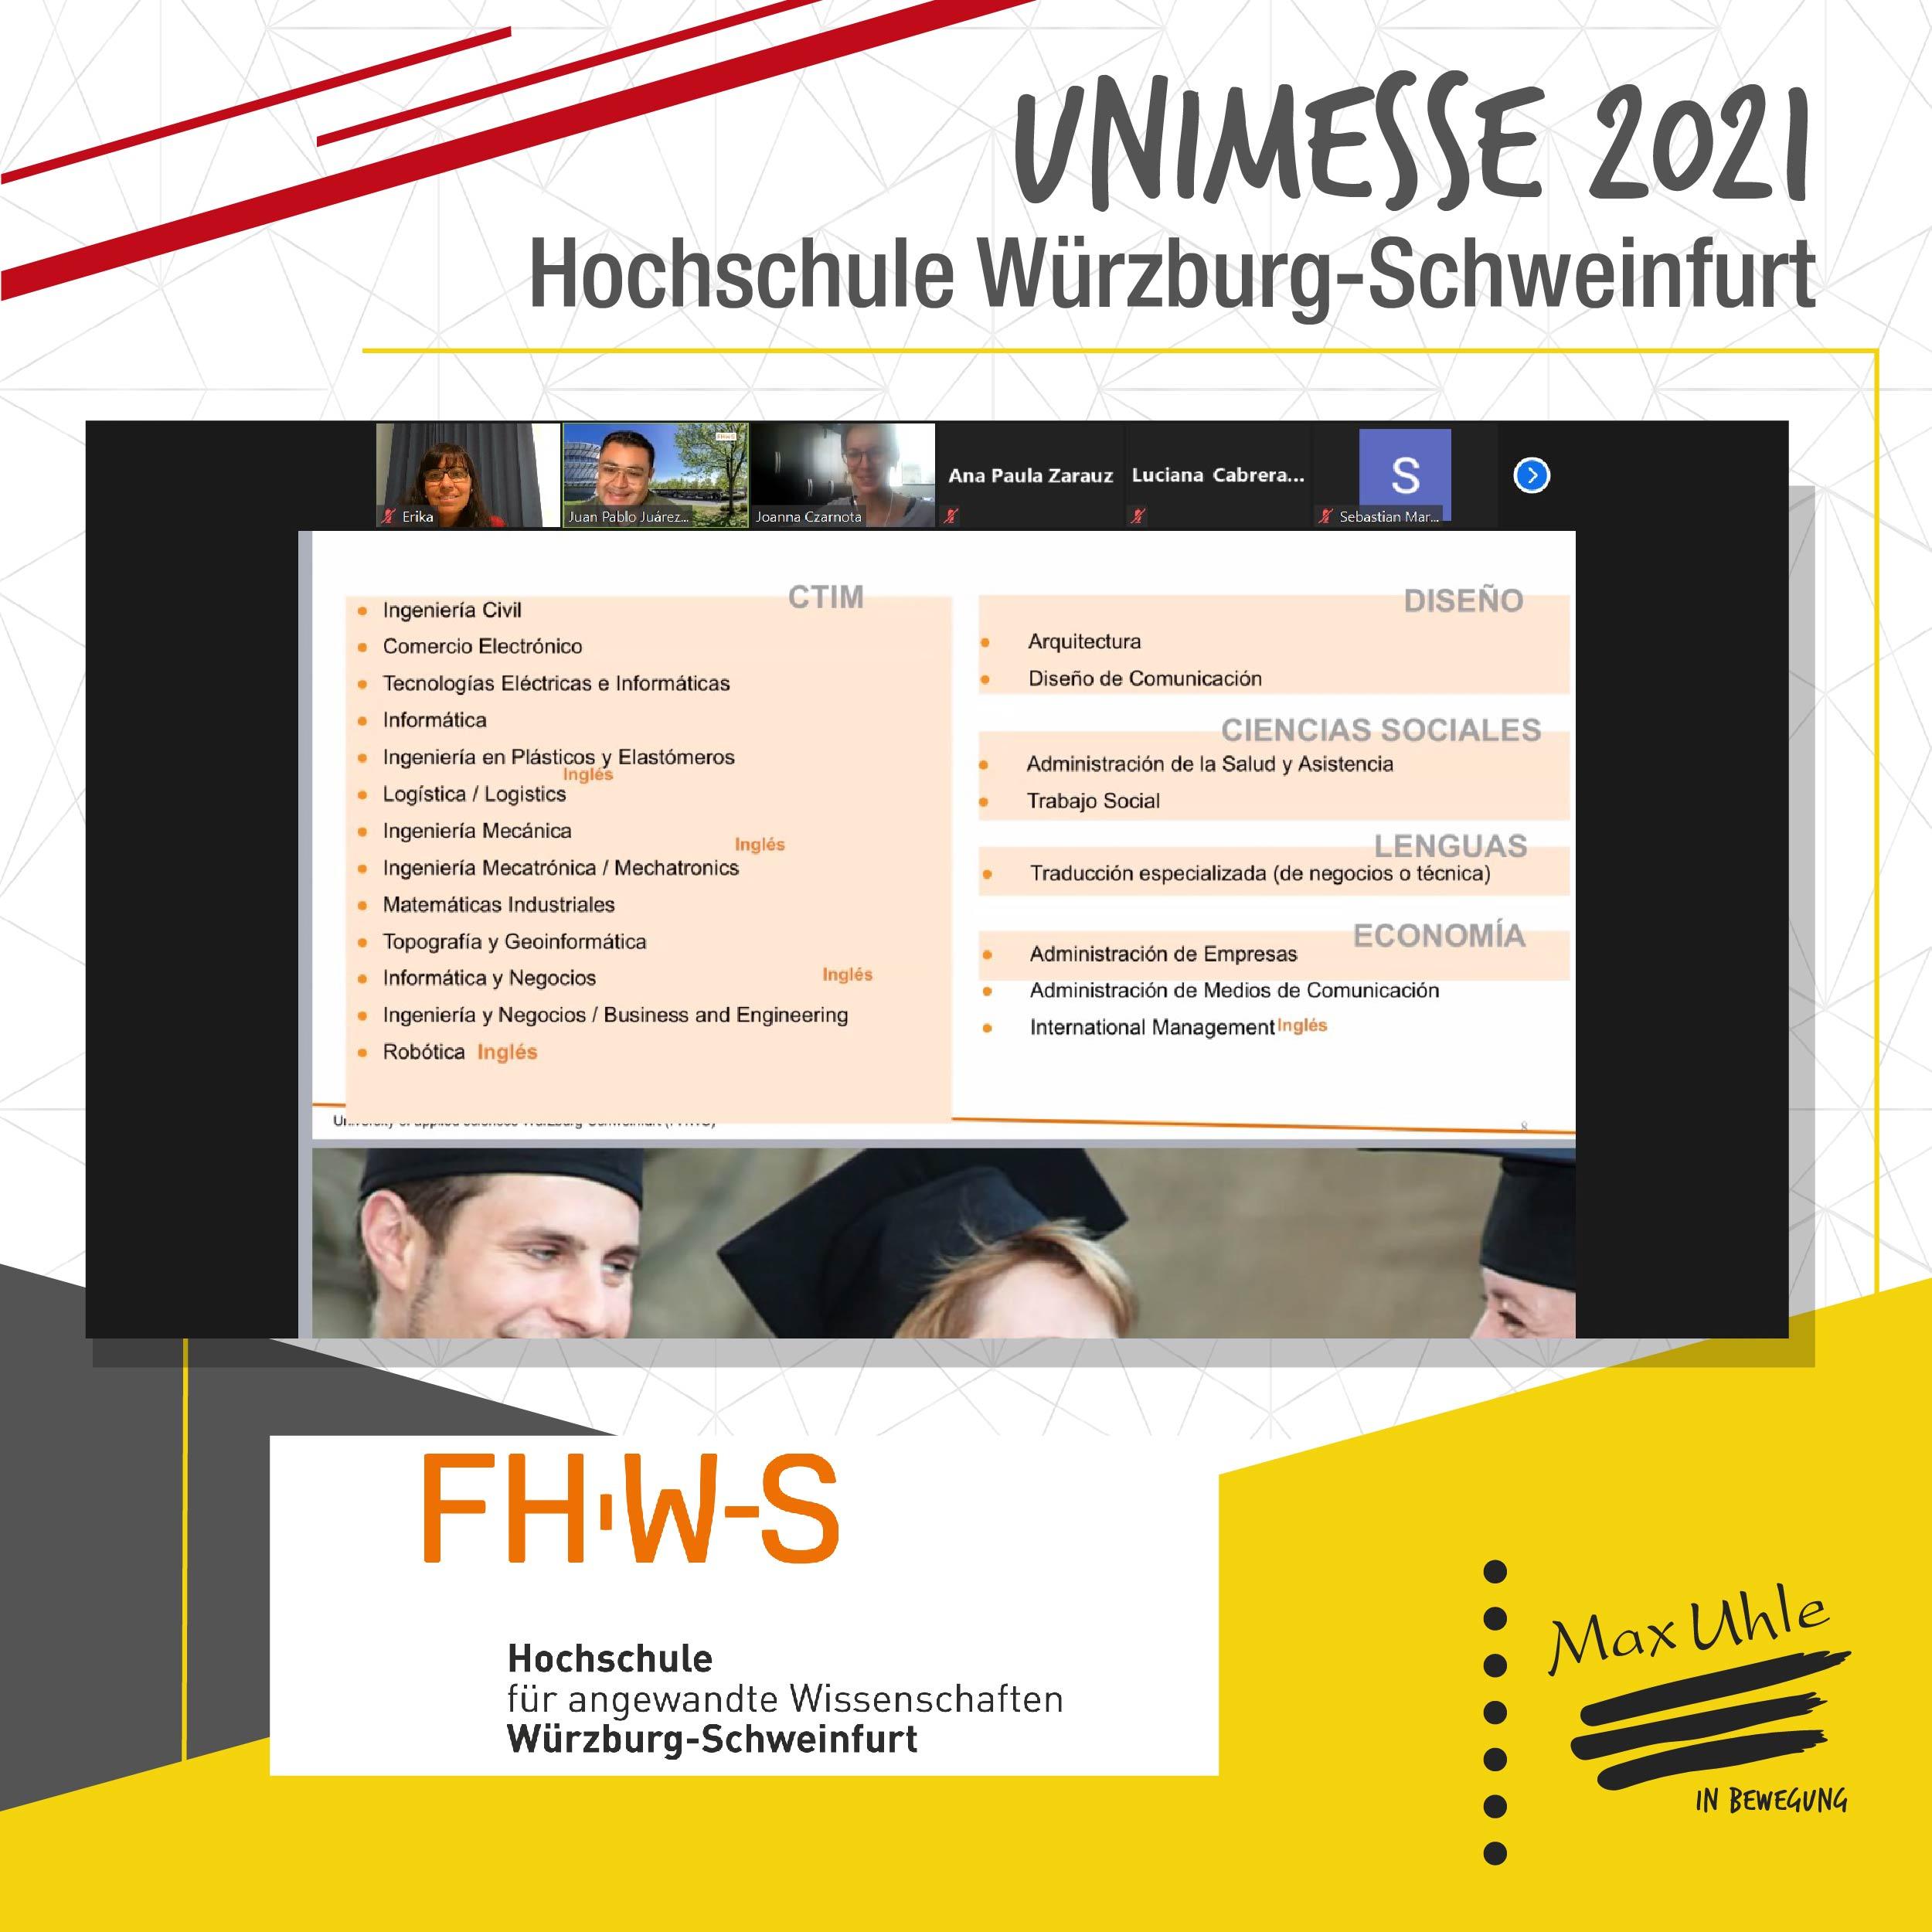 FHWS - Unimesse 2021 Colegio Max Uhle